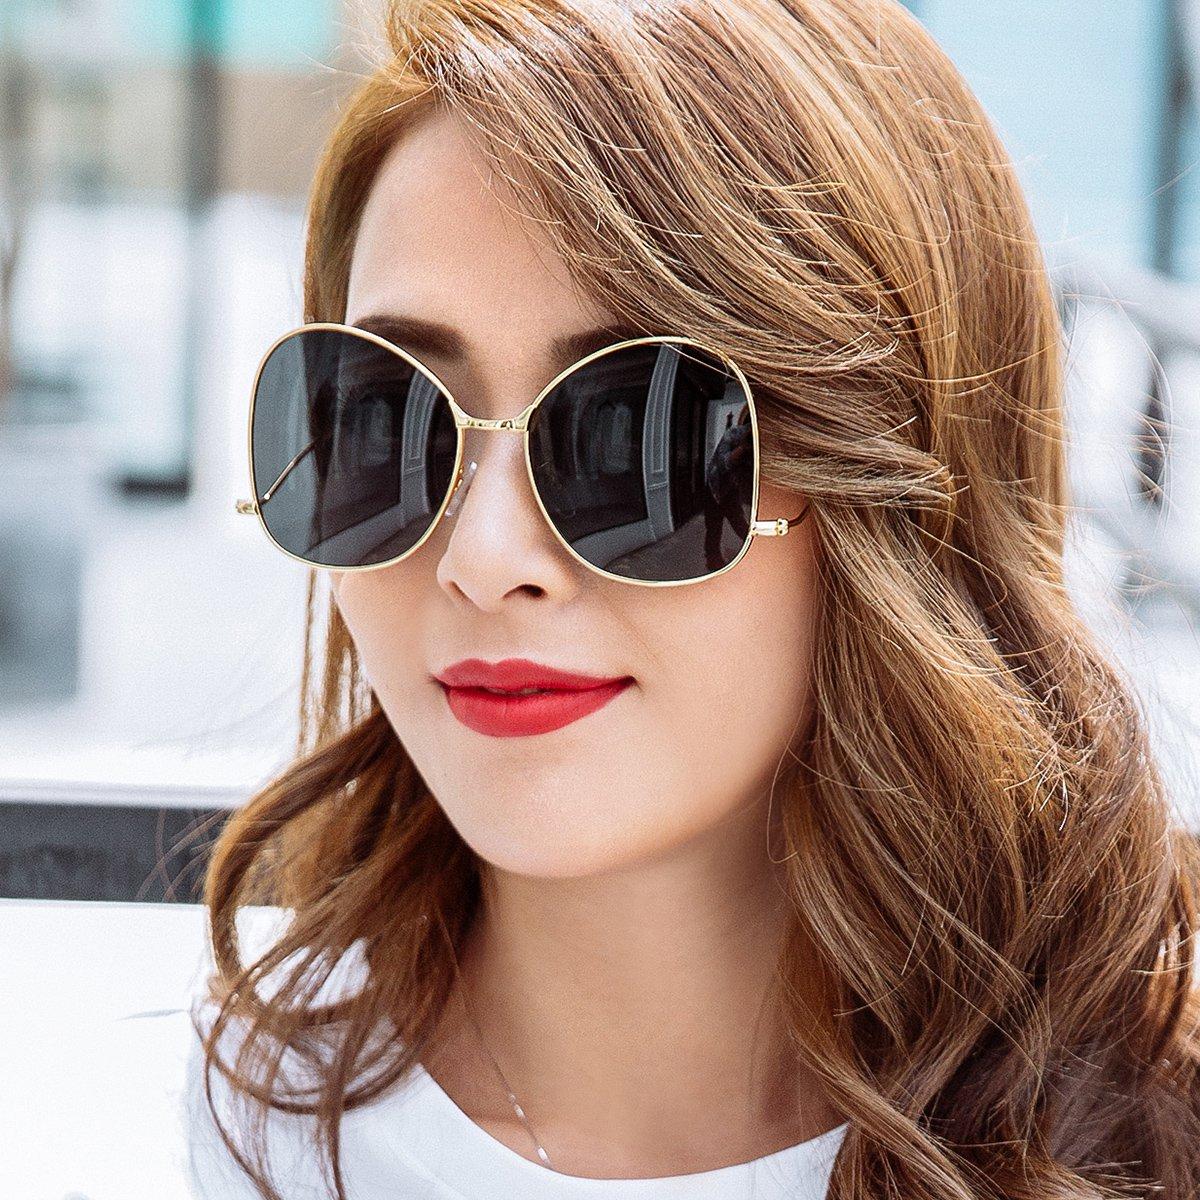 2019新品抖音同款偏光情侶太陽鏡休閑顯臉瘦百搭眼鏡潮流墨鏡圖片